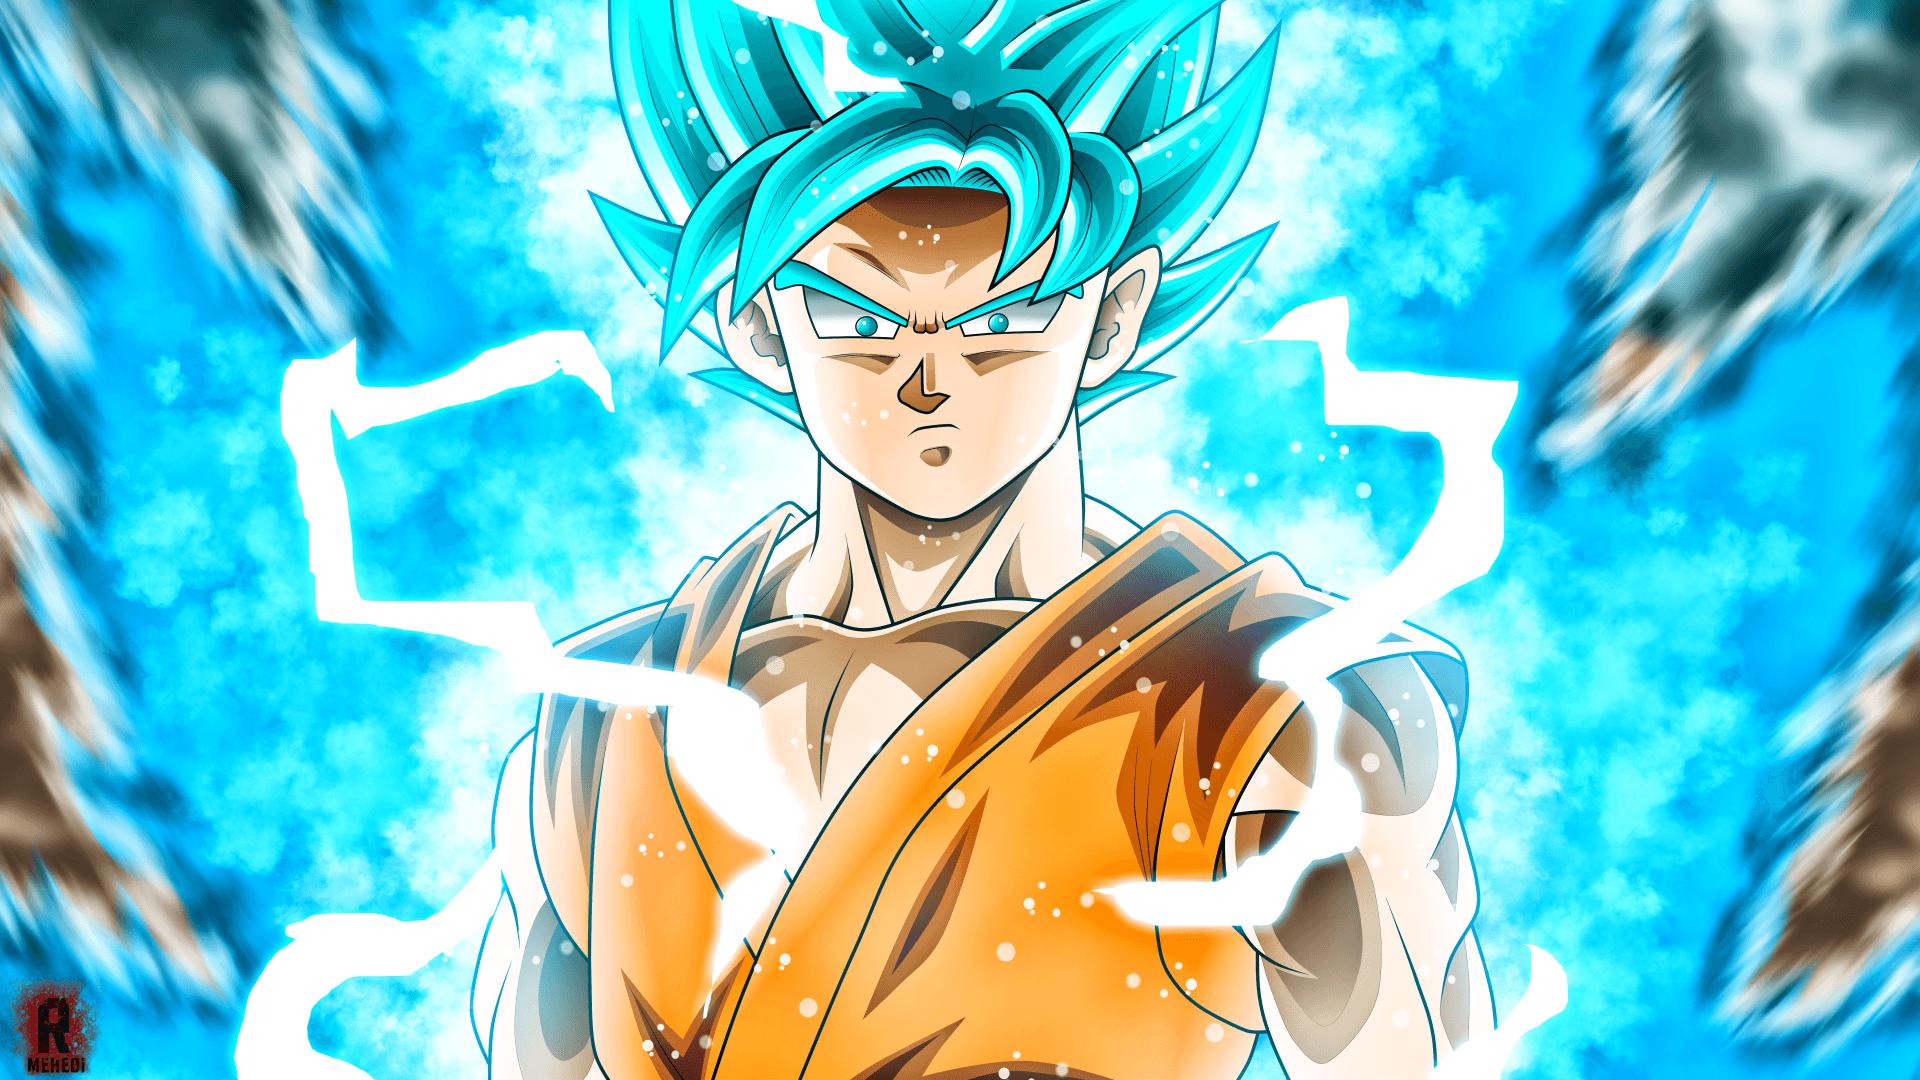 Goku God Wallpapers Top Free Goku God Backgrounds Wallpaperaccess